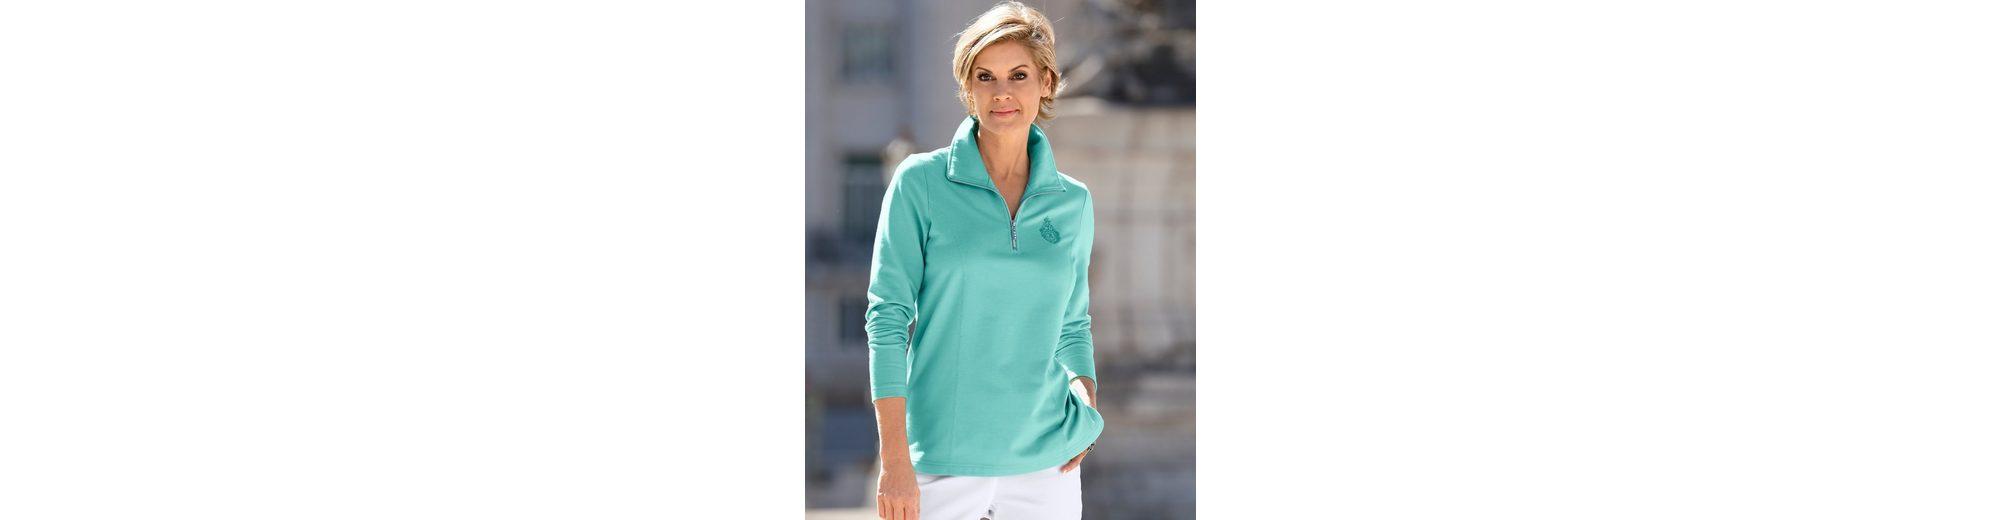 Paola Sweatshirt mit Ziernähten Günstig Kaufen Zuverlässig yuTT0UXypV